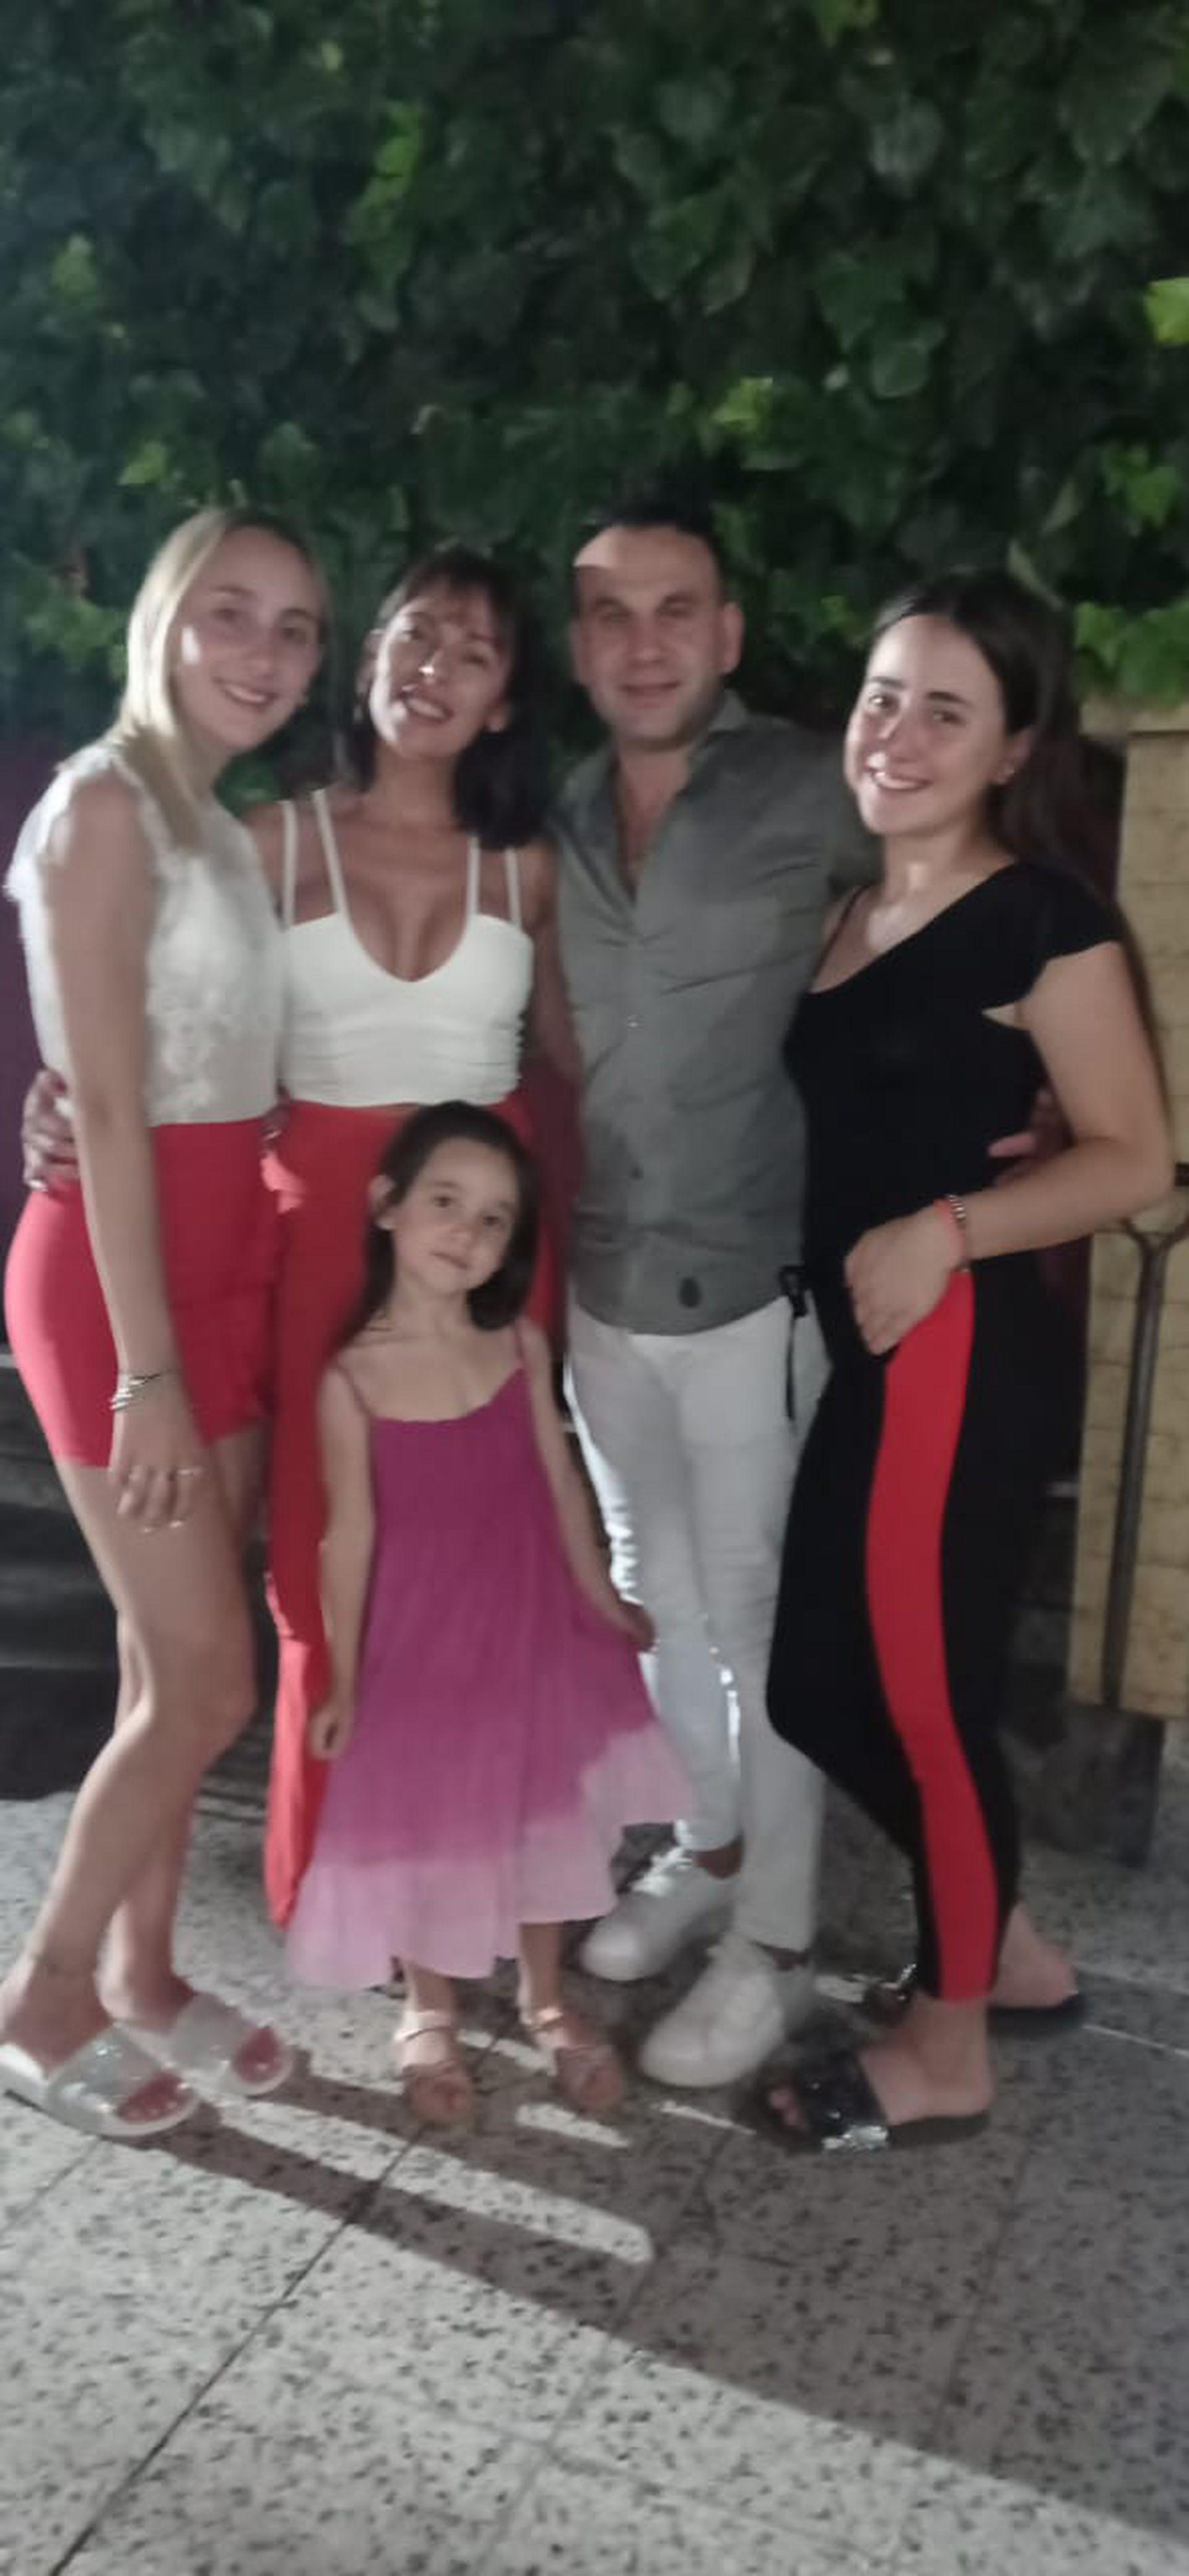 María Luján Telpuk con su novio, Heber, y sus tres hijas: Agus, Cata y Pieri.